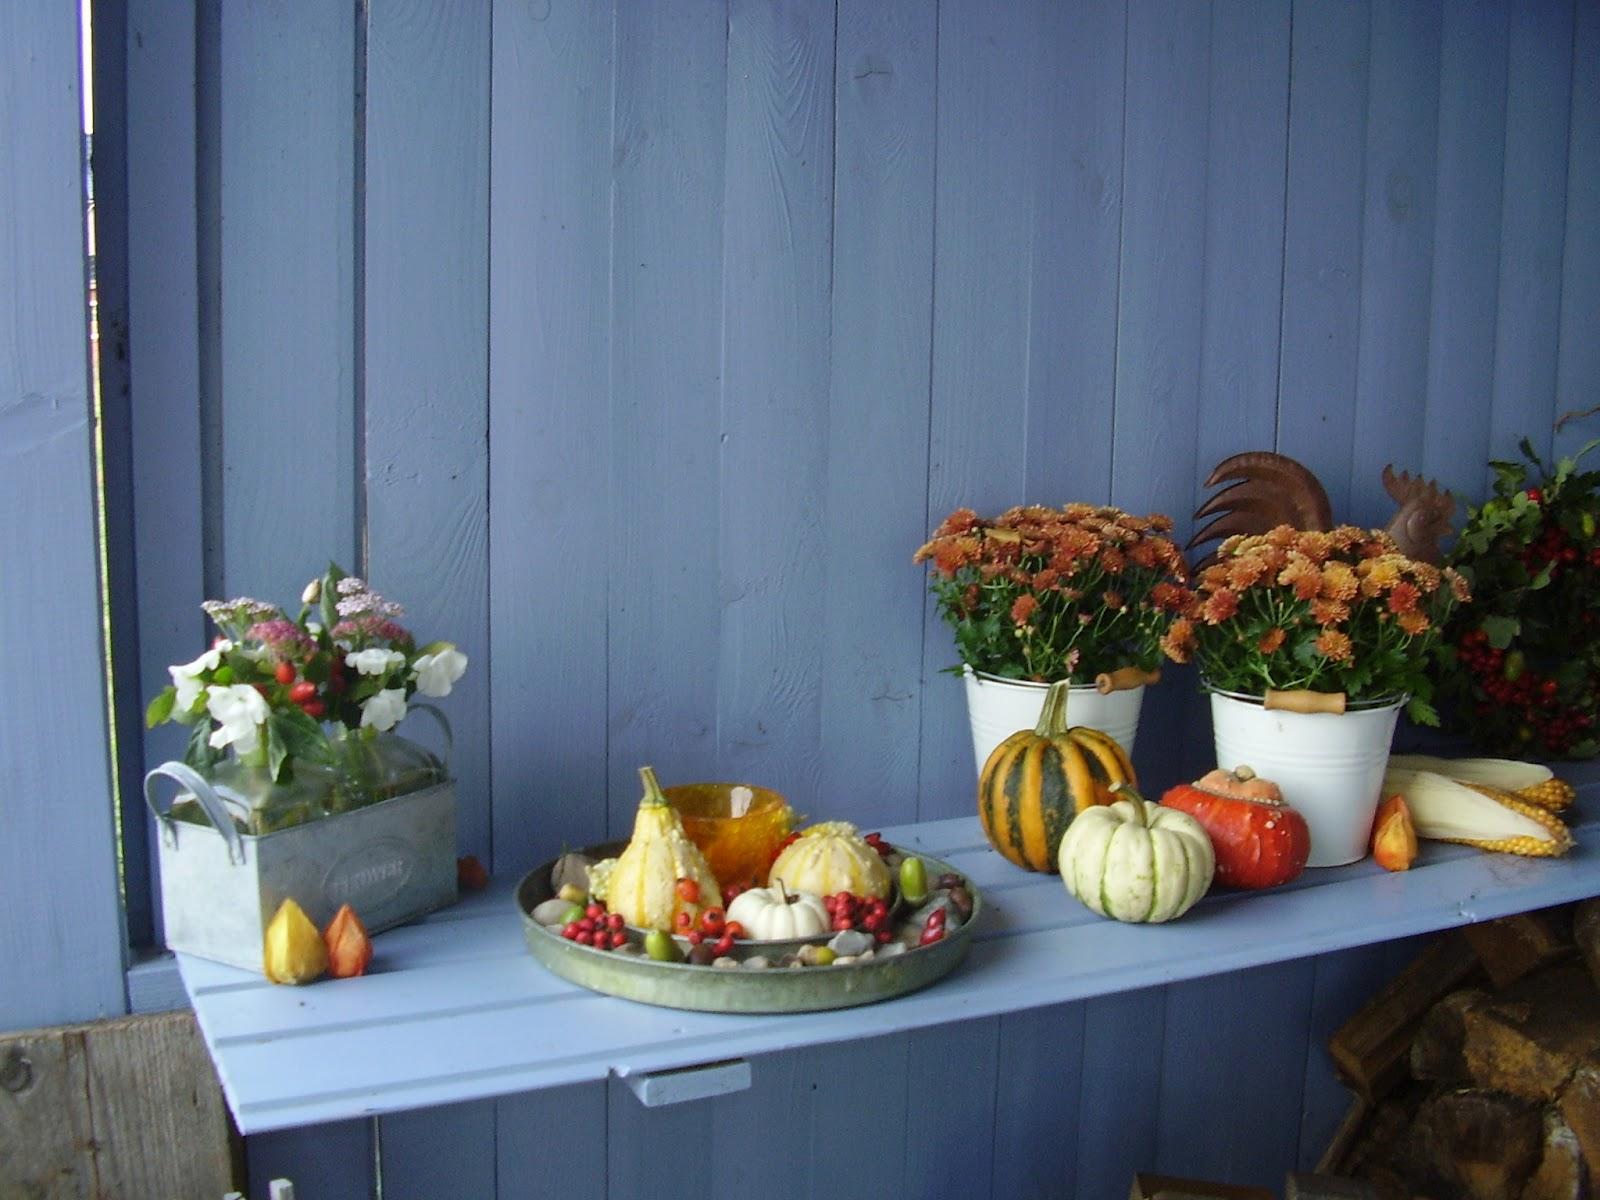 Sanni s welt herbstliche gartendeko for Herbstliche gartendeko